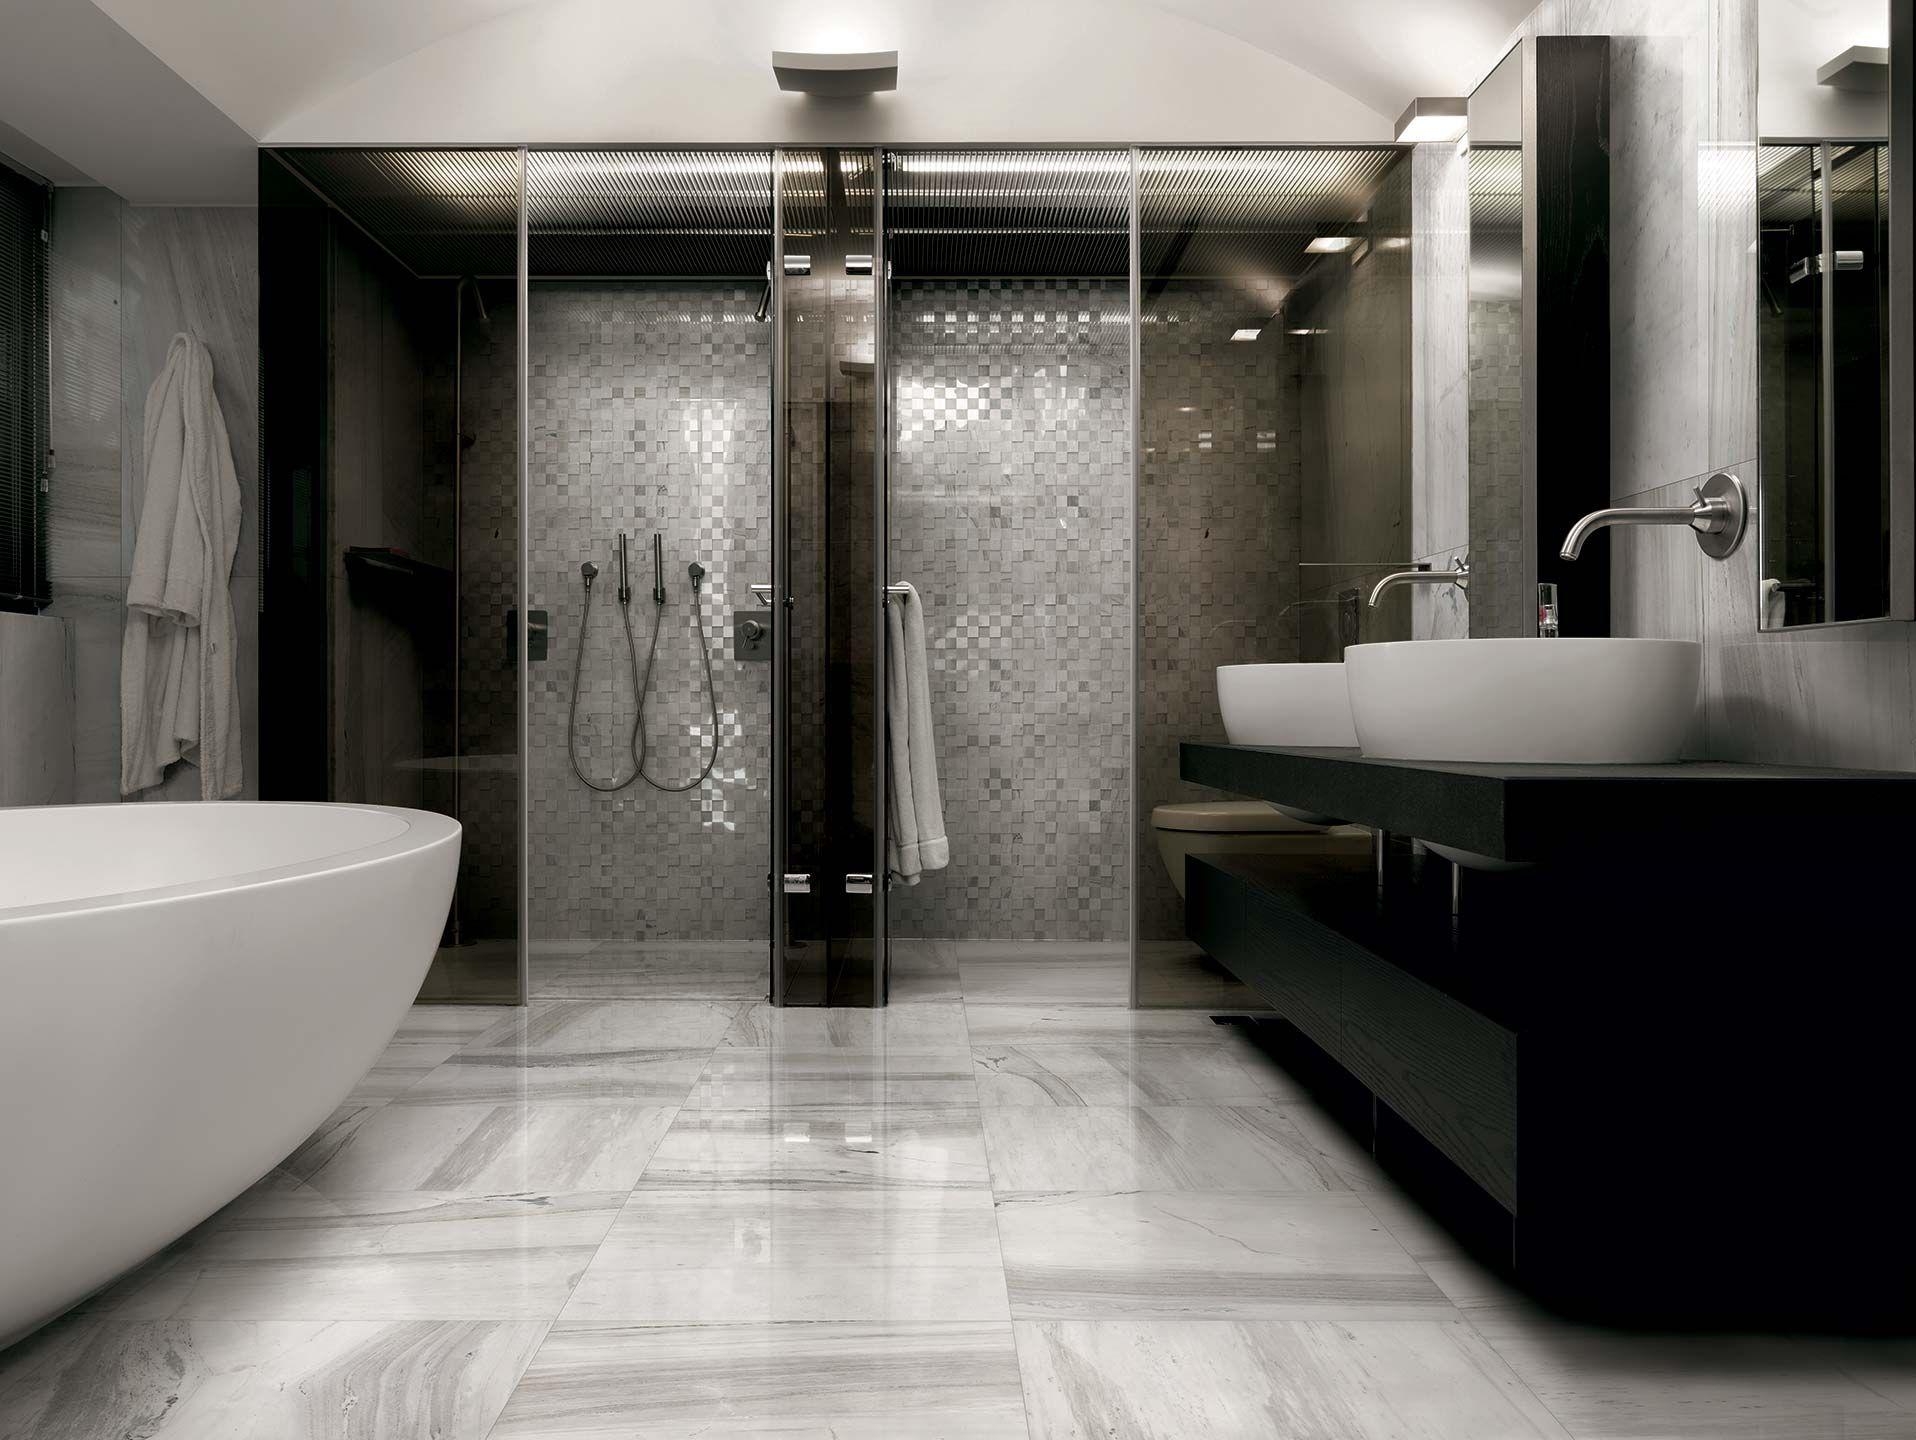 salle de bain blanc gris et noir carrelage imitation marbre